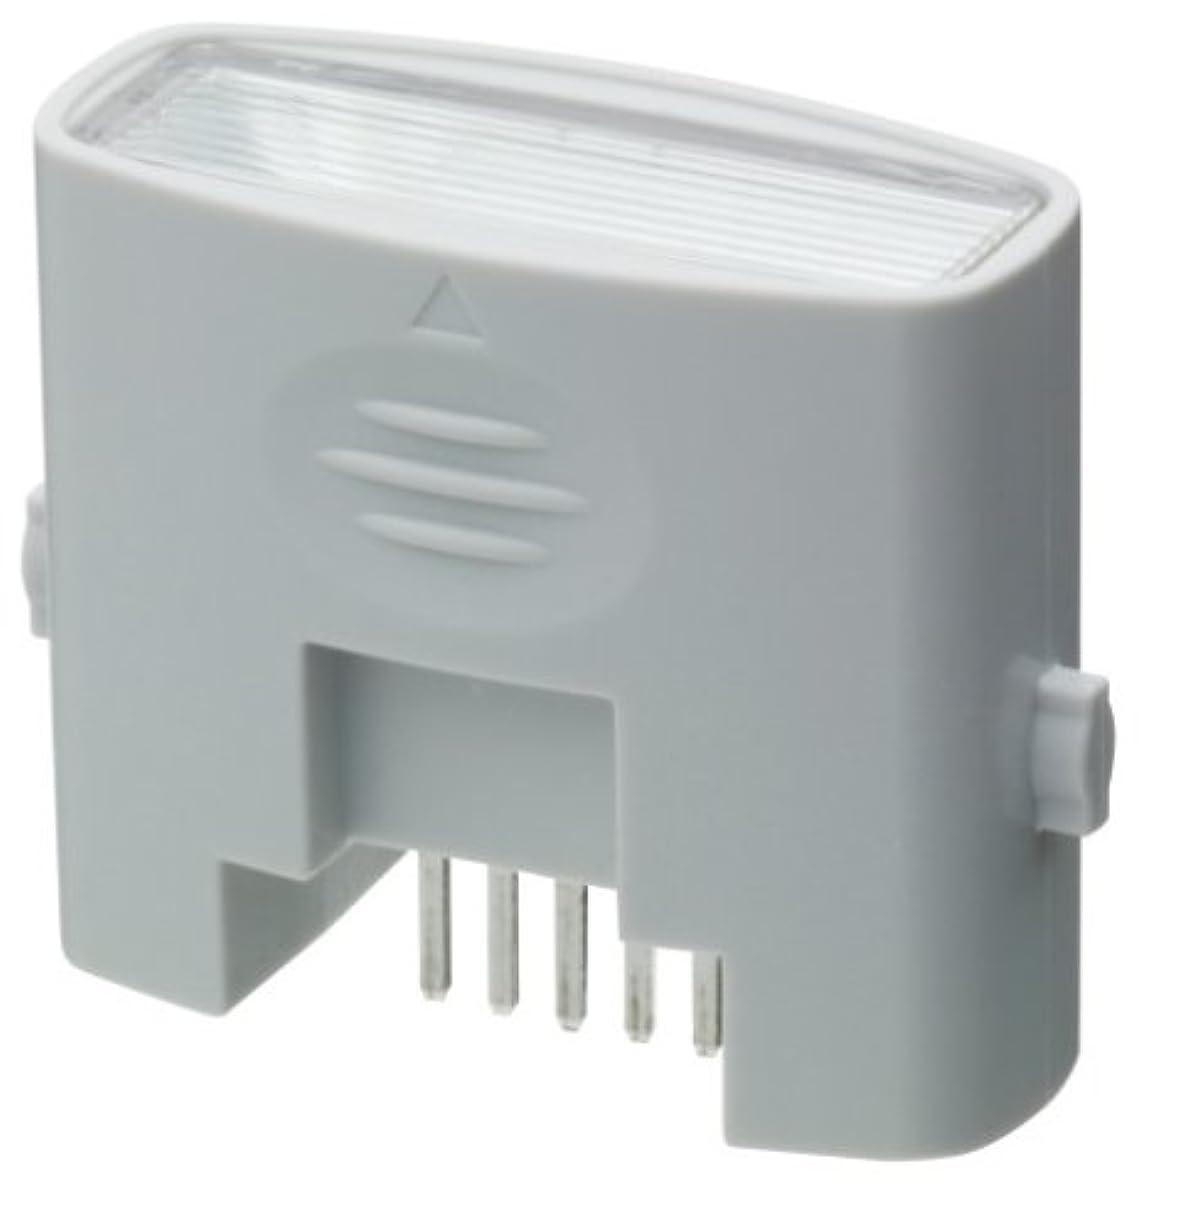 パナソニック 光エステ 交換用ランプカートリッジ ES-2W11